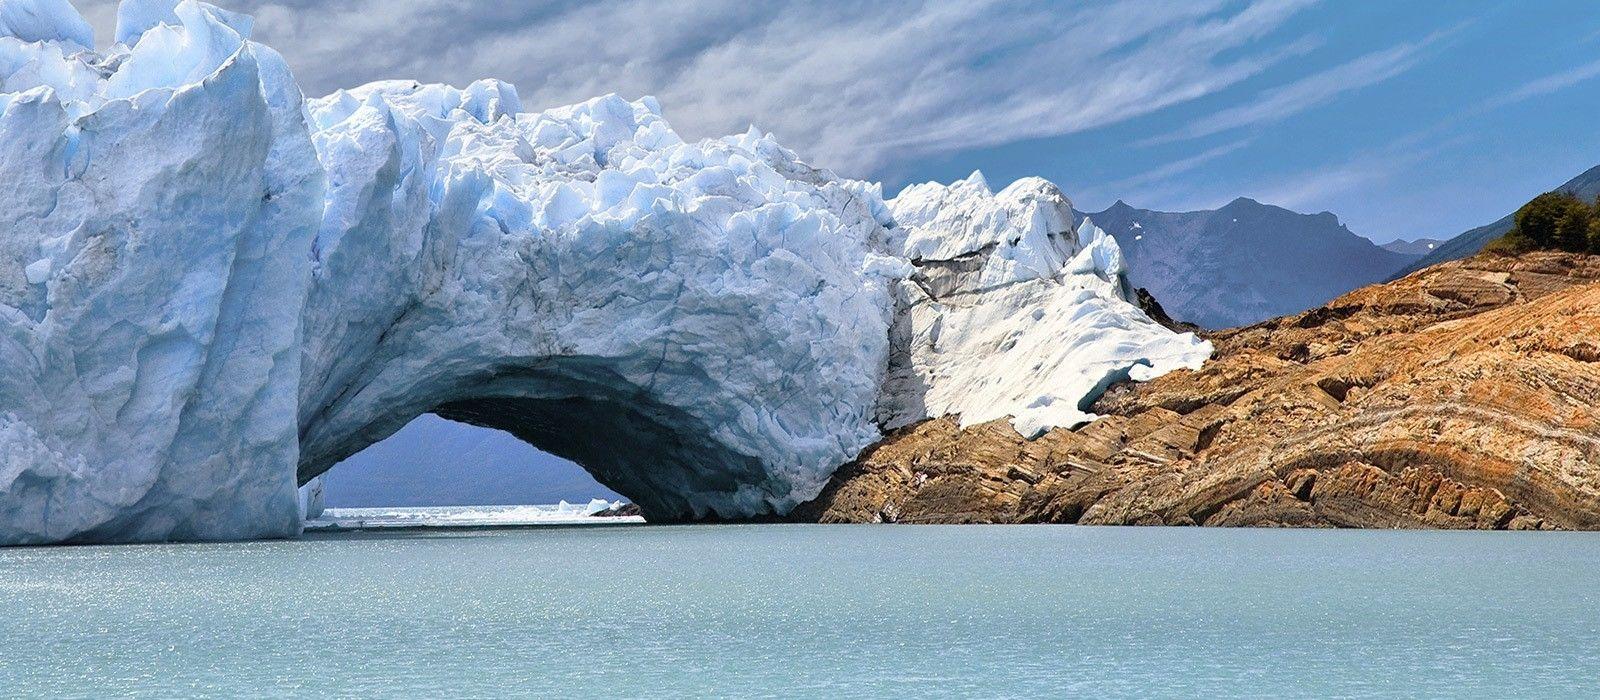 Argentinien – Die Epik Patagoniens Urlaub 4